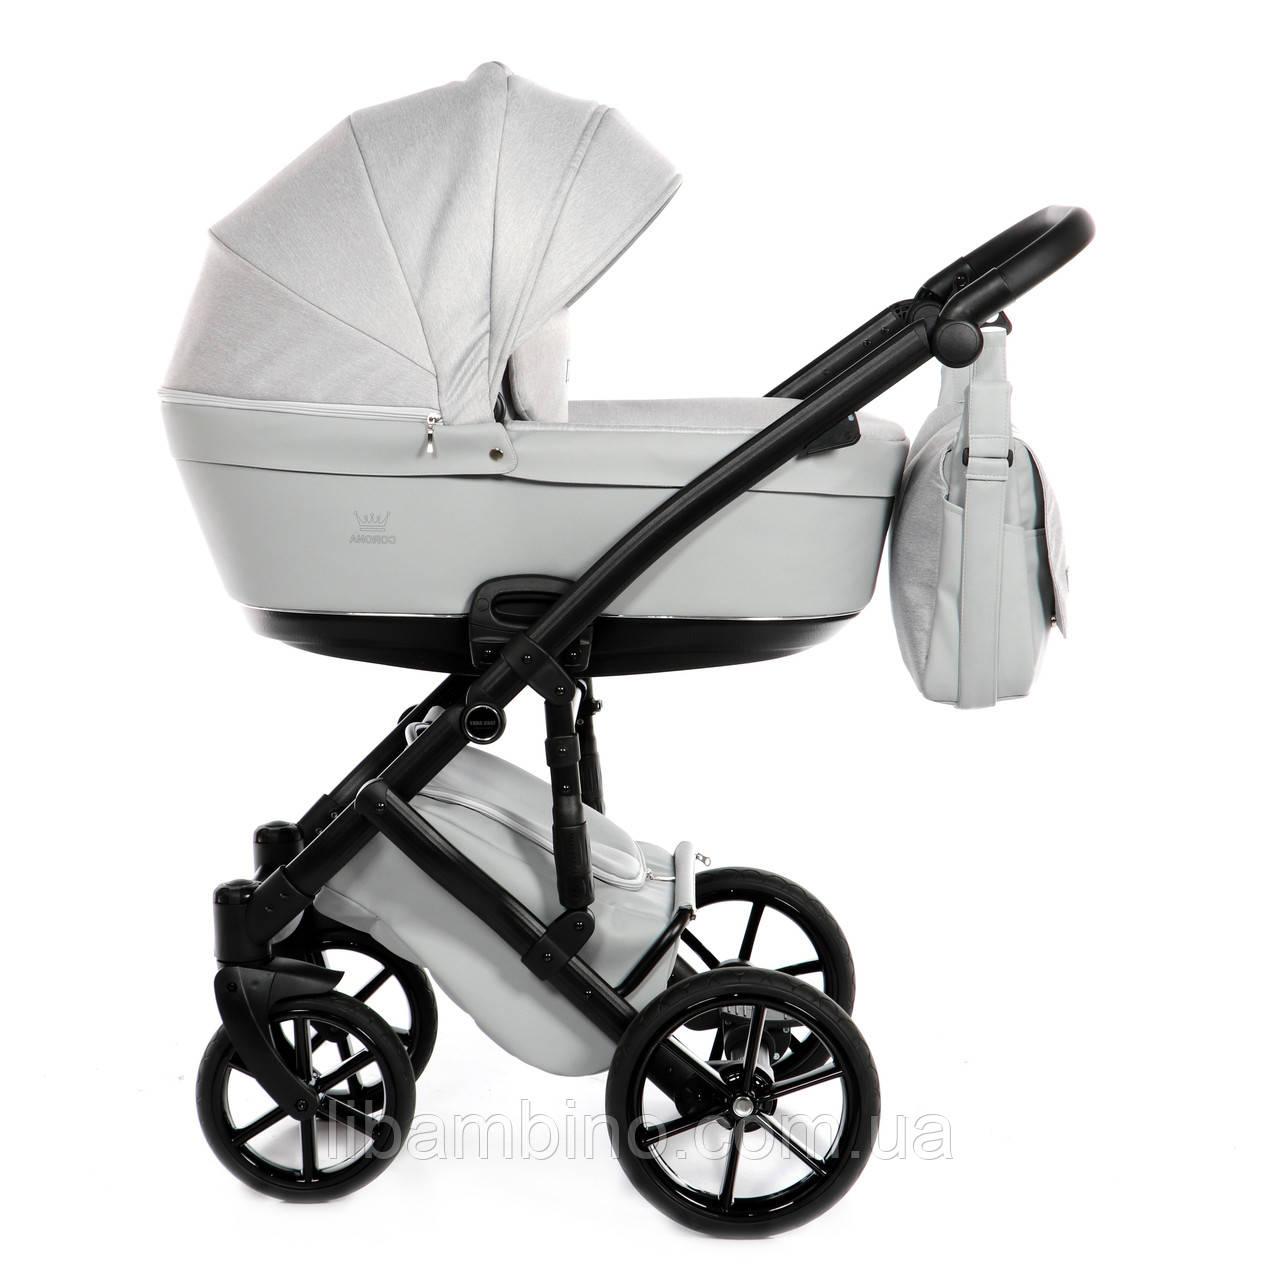 Дитяча універсальна коляска 2 в 1 Tako Corona Light 01